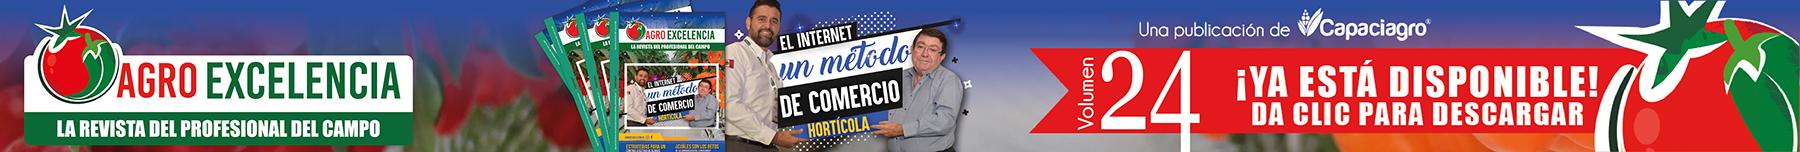 http://agroexcelencia.com/wp-content/uploads/2018/12/Slide-anuncio_1.png